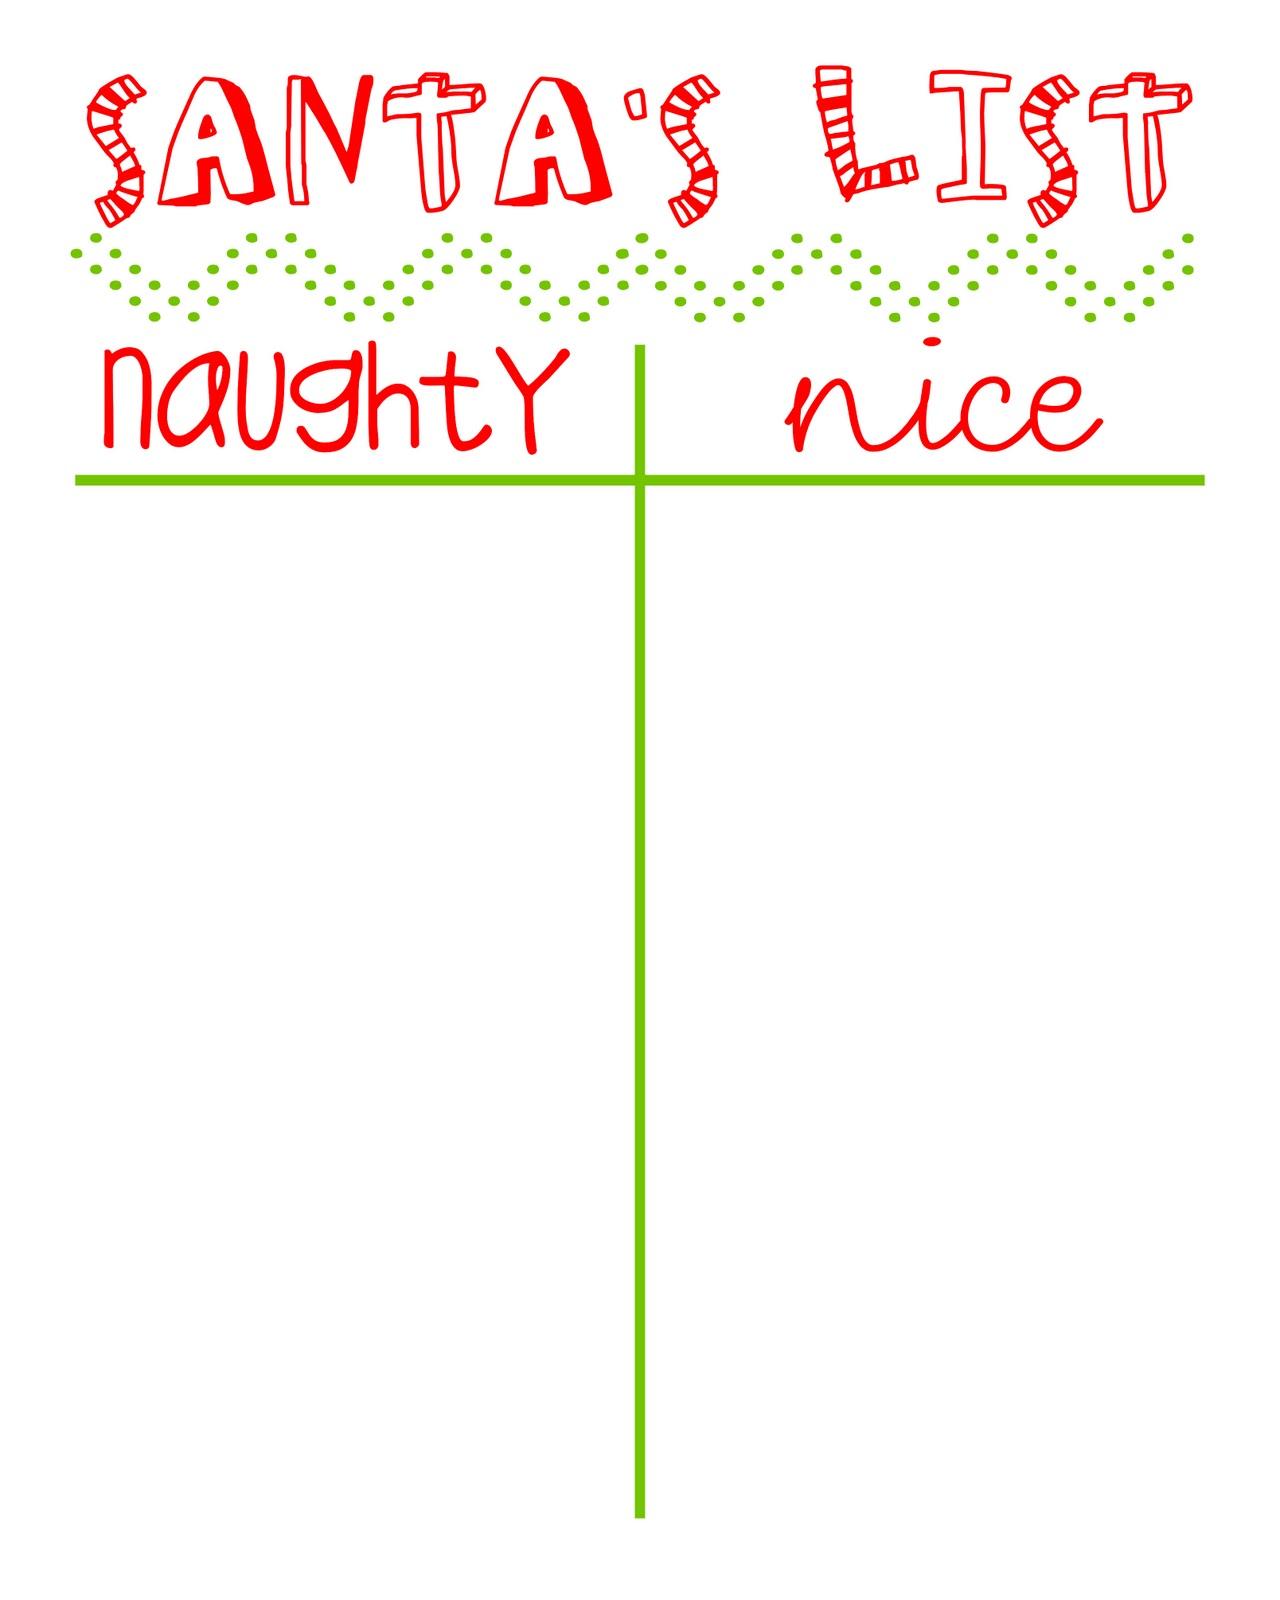 Santas Good And Bad List For Kids